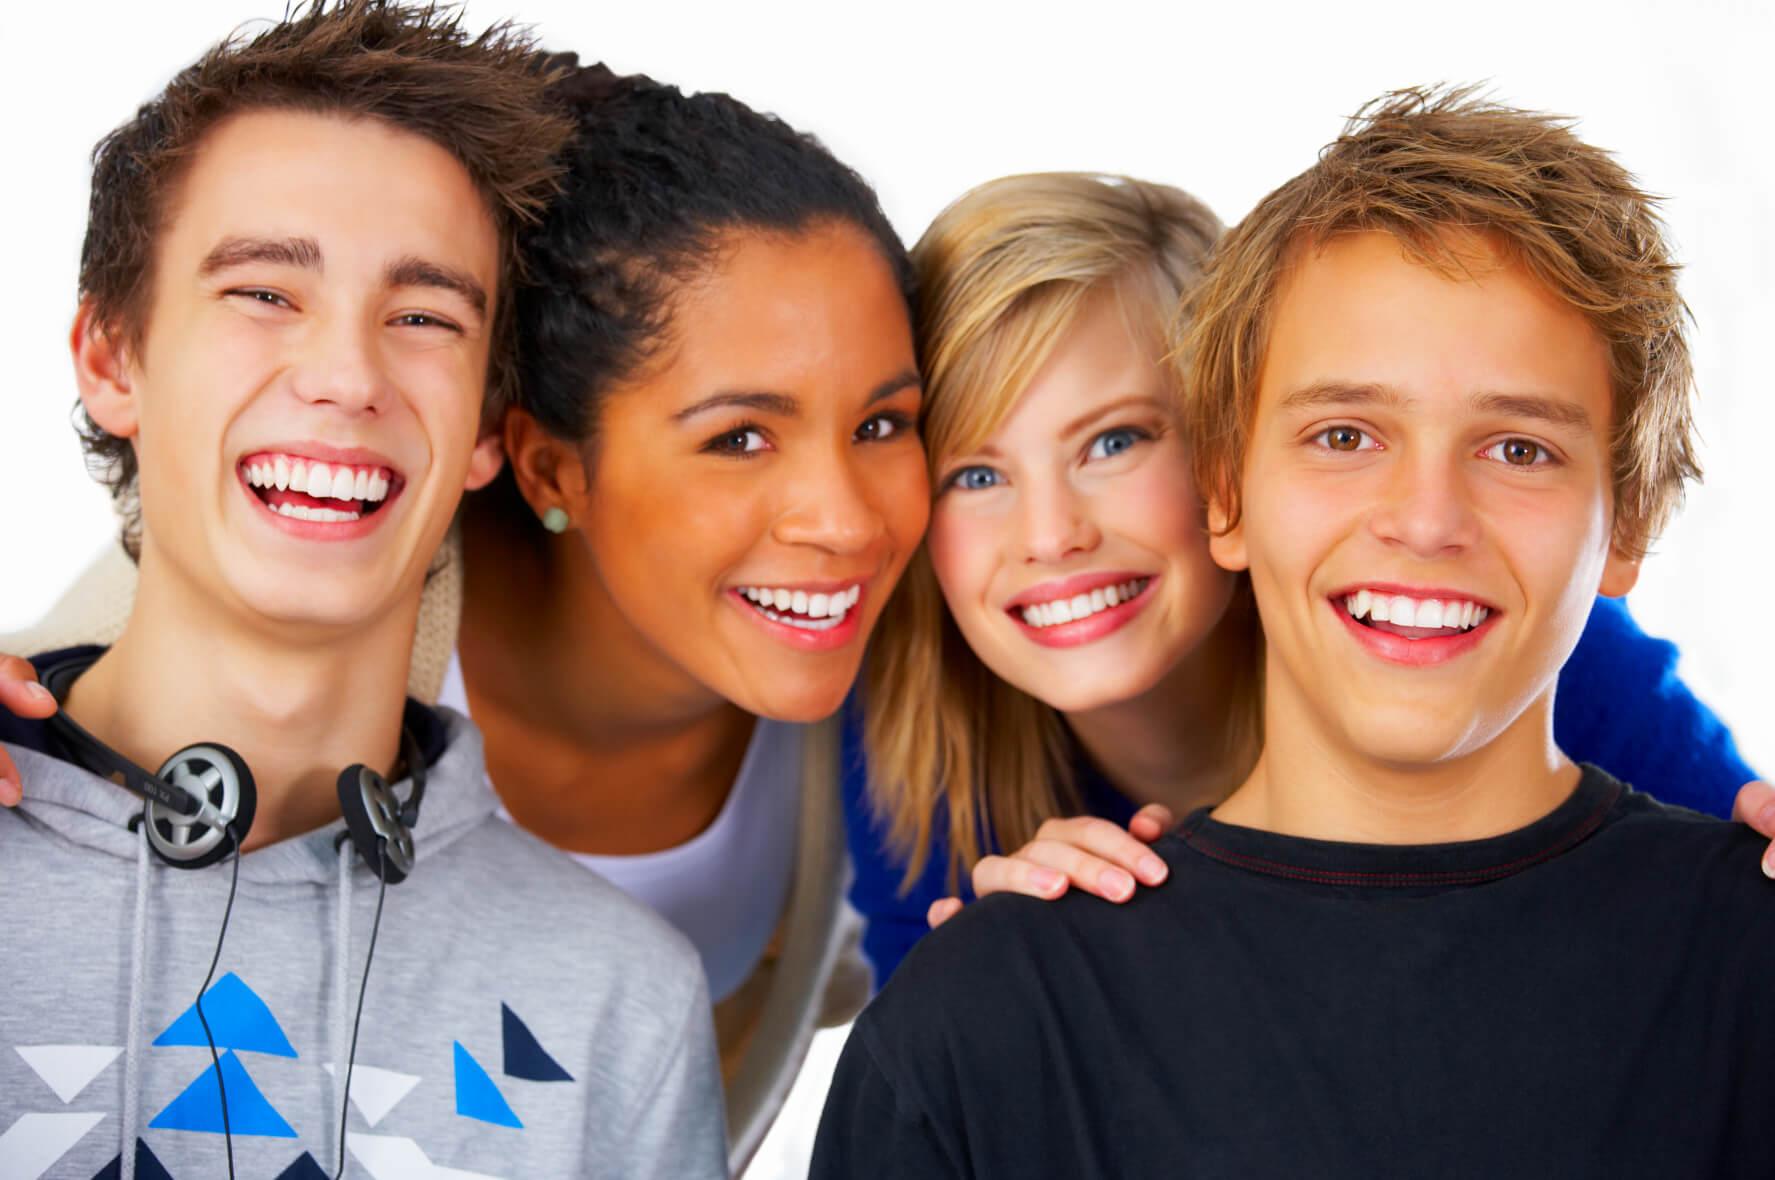 מרפאה ליישור שיניים ואורתודנטיה